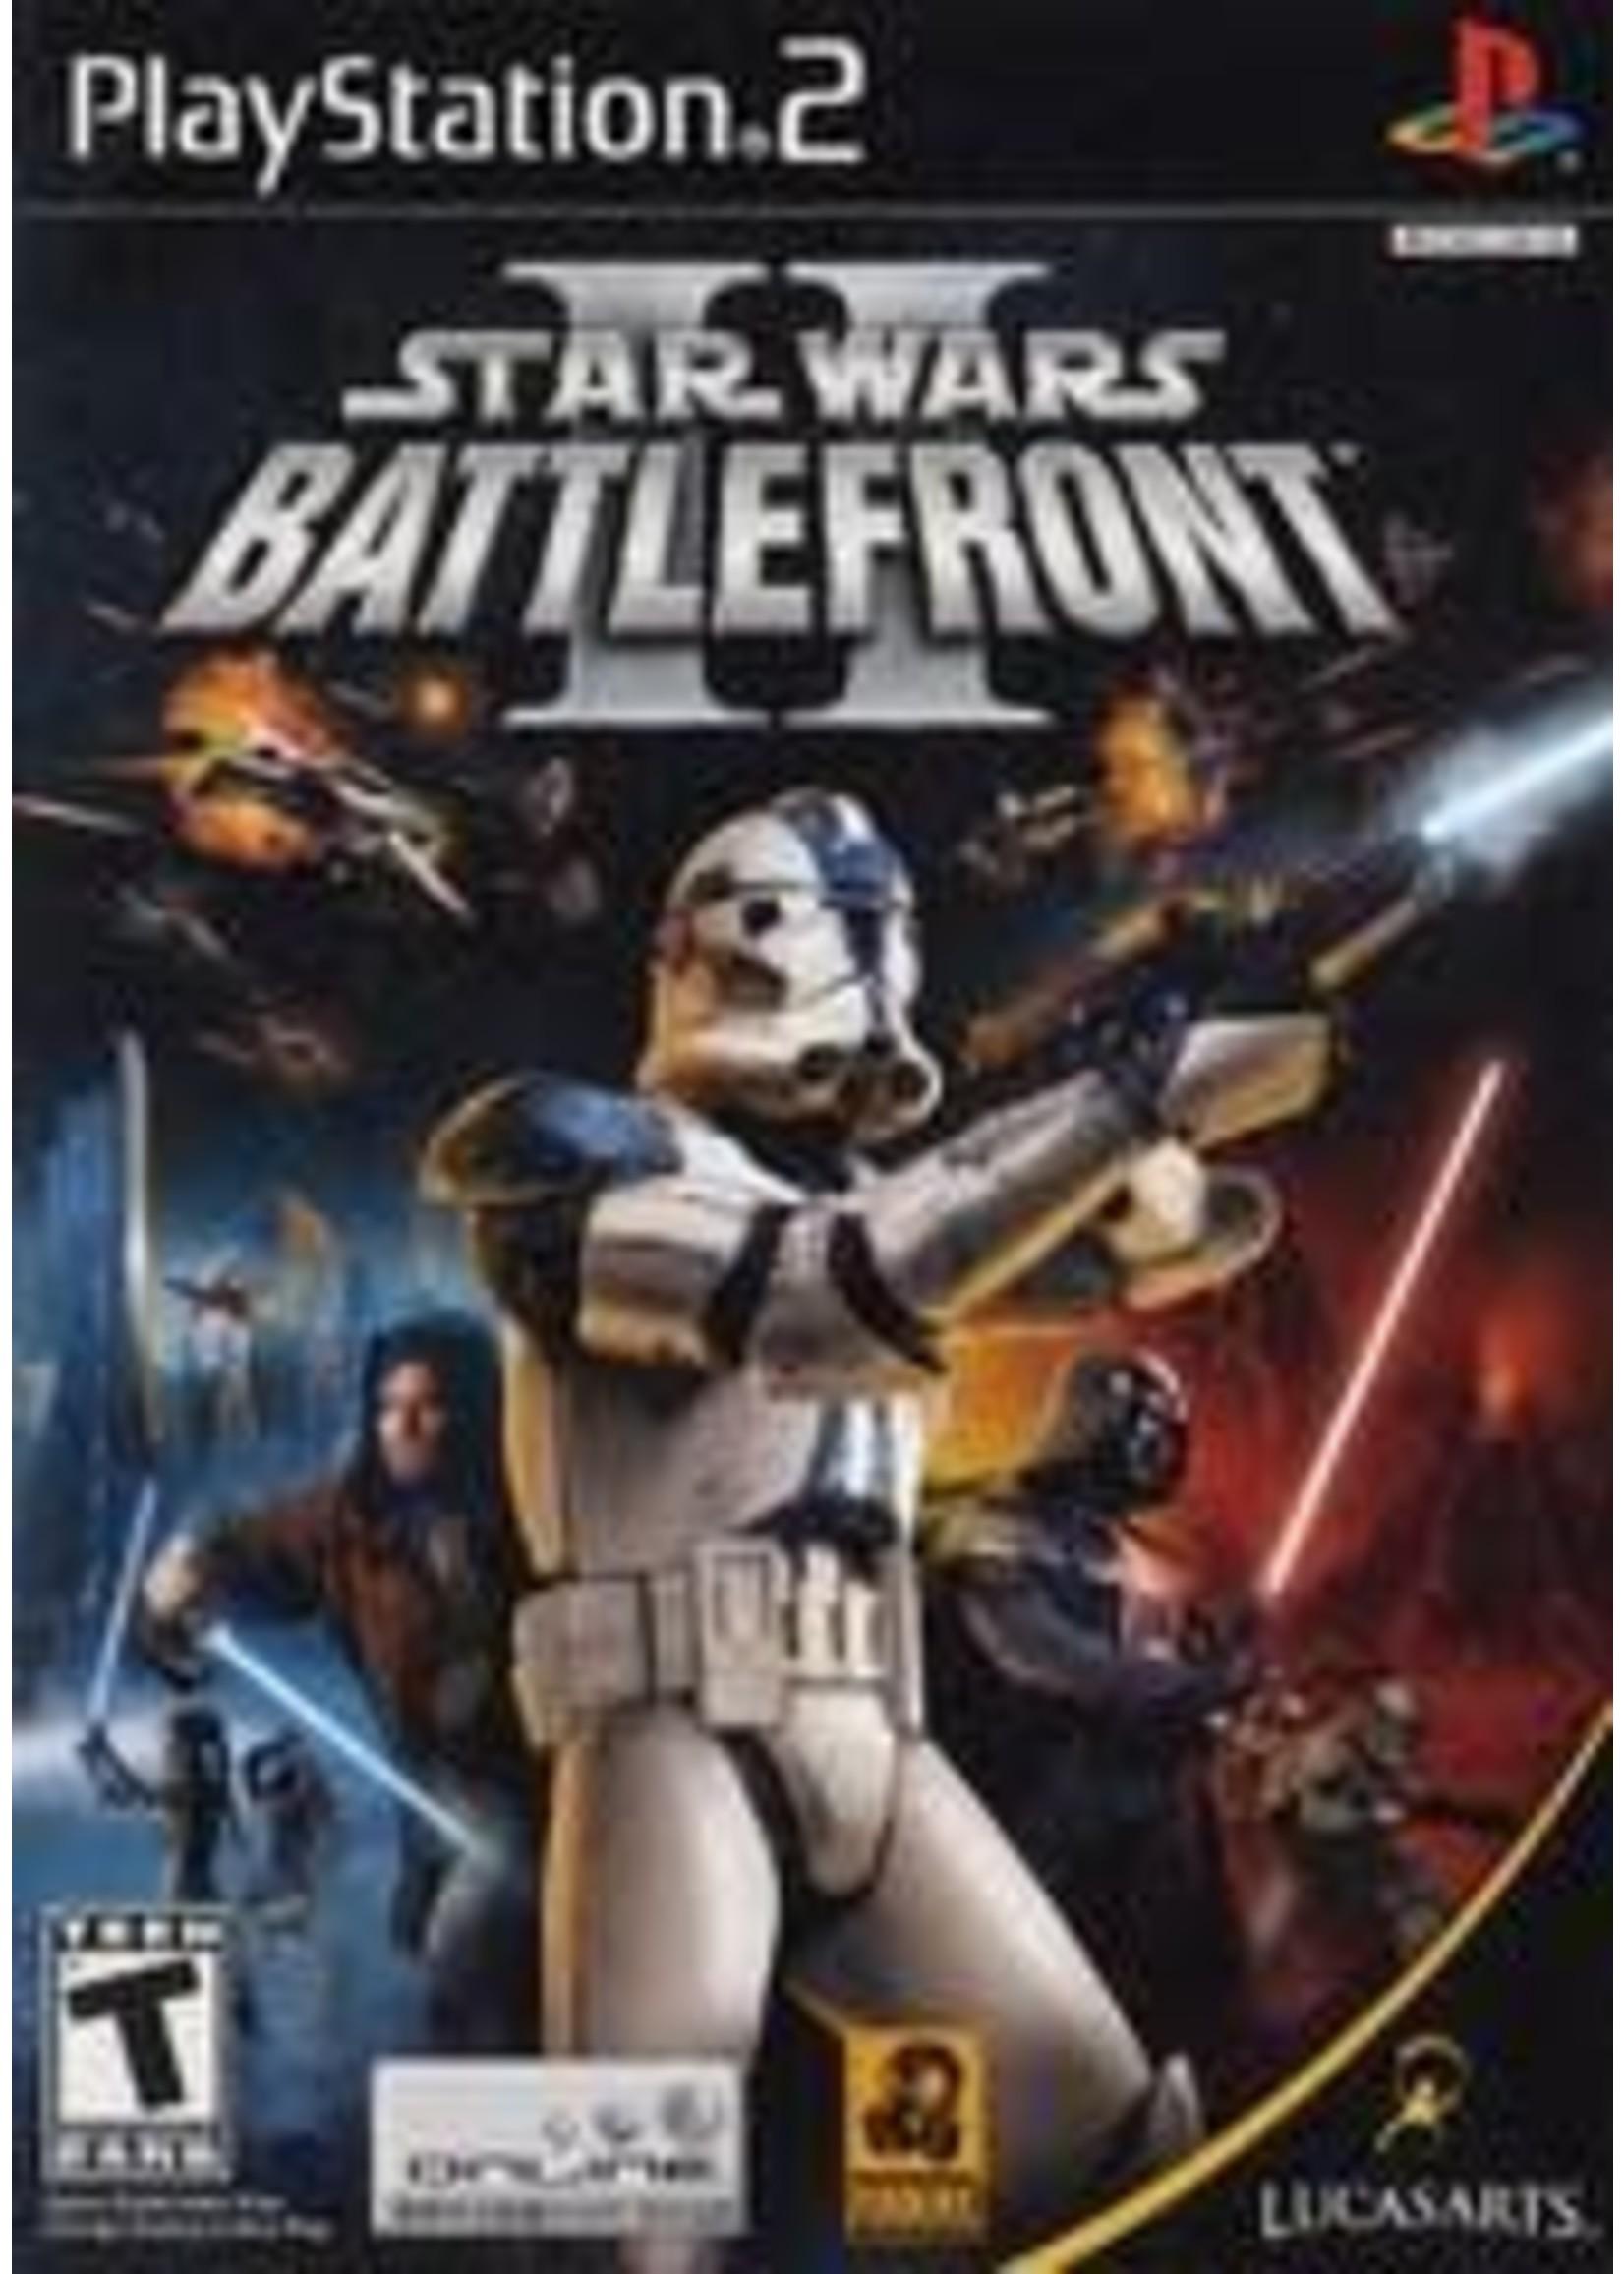 Star Wars Battlefront 2 Playstation 2